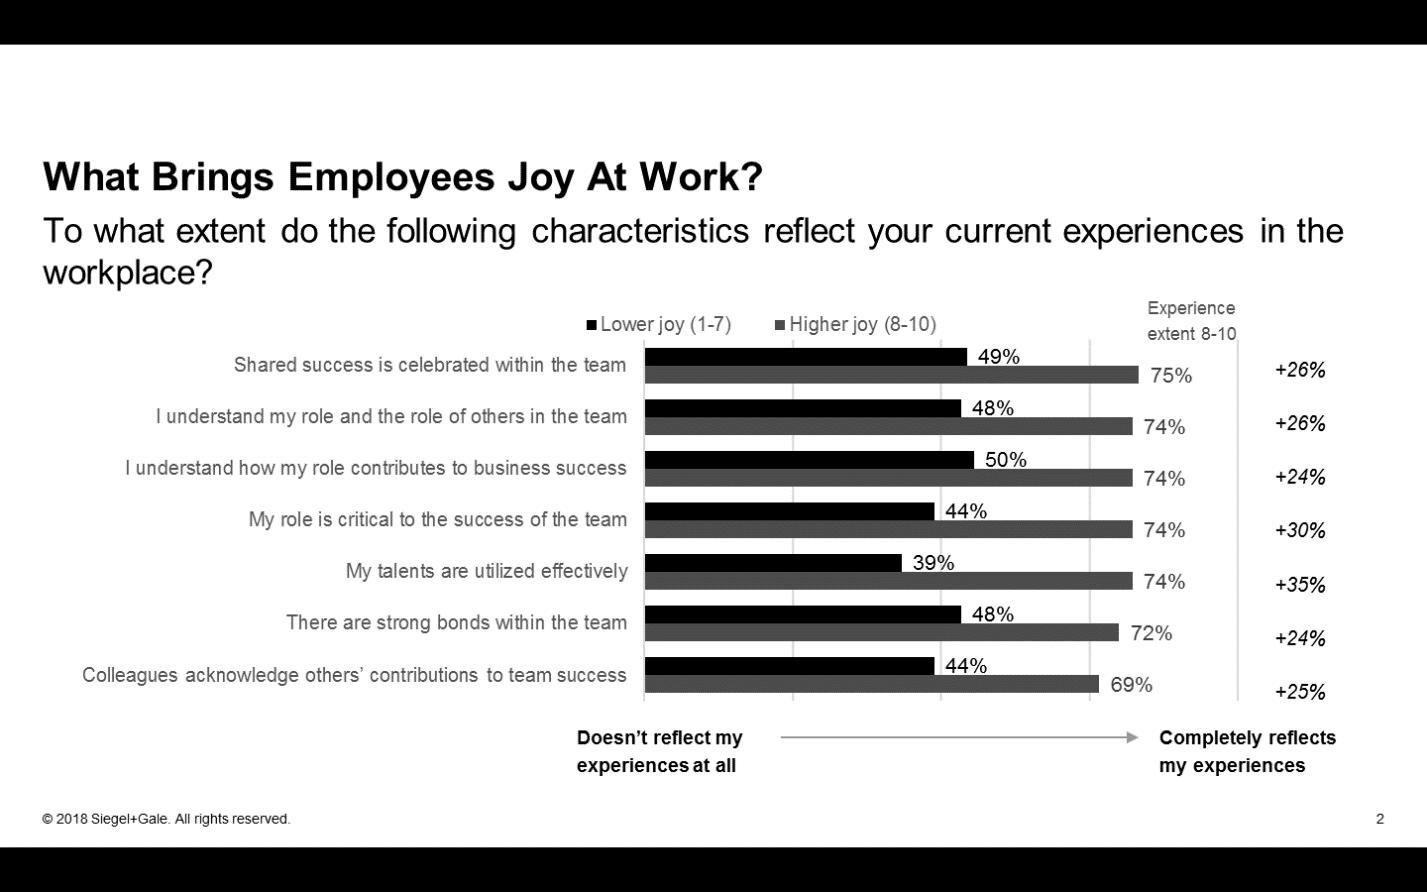 Ce graphique montre comment les employés qui éprouvent une grande joie au travail (barres gris clair) et comment ceux qui se sentent moins heureux (barres noires) ont répondu à chaque énoncé.